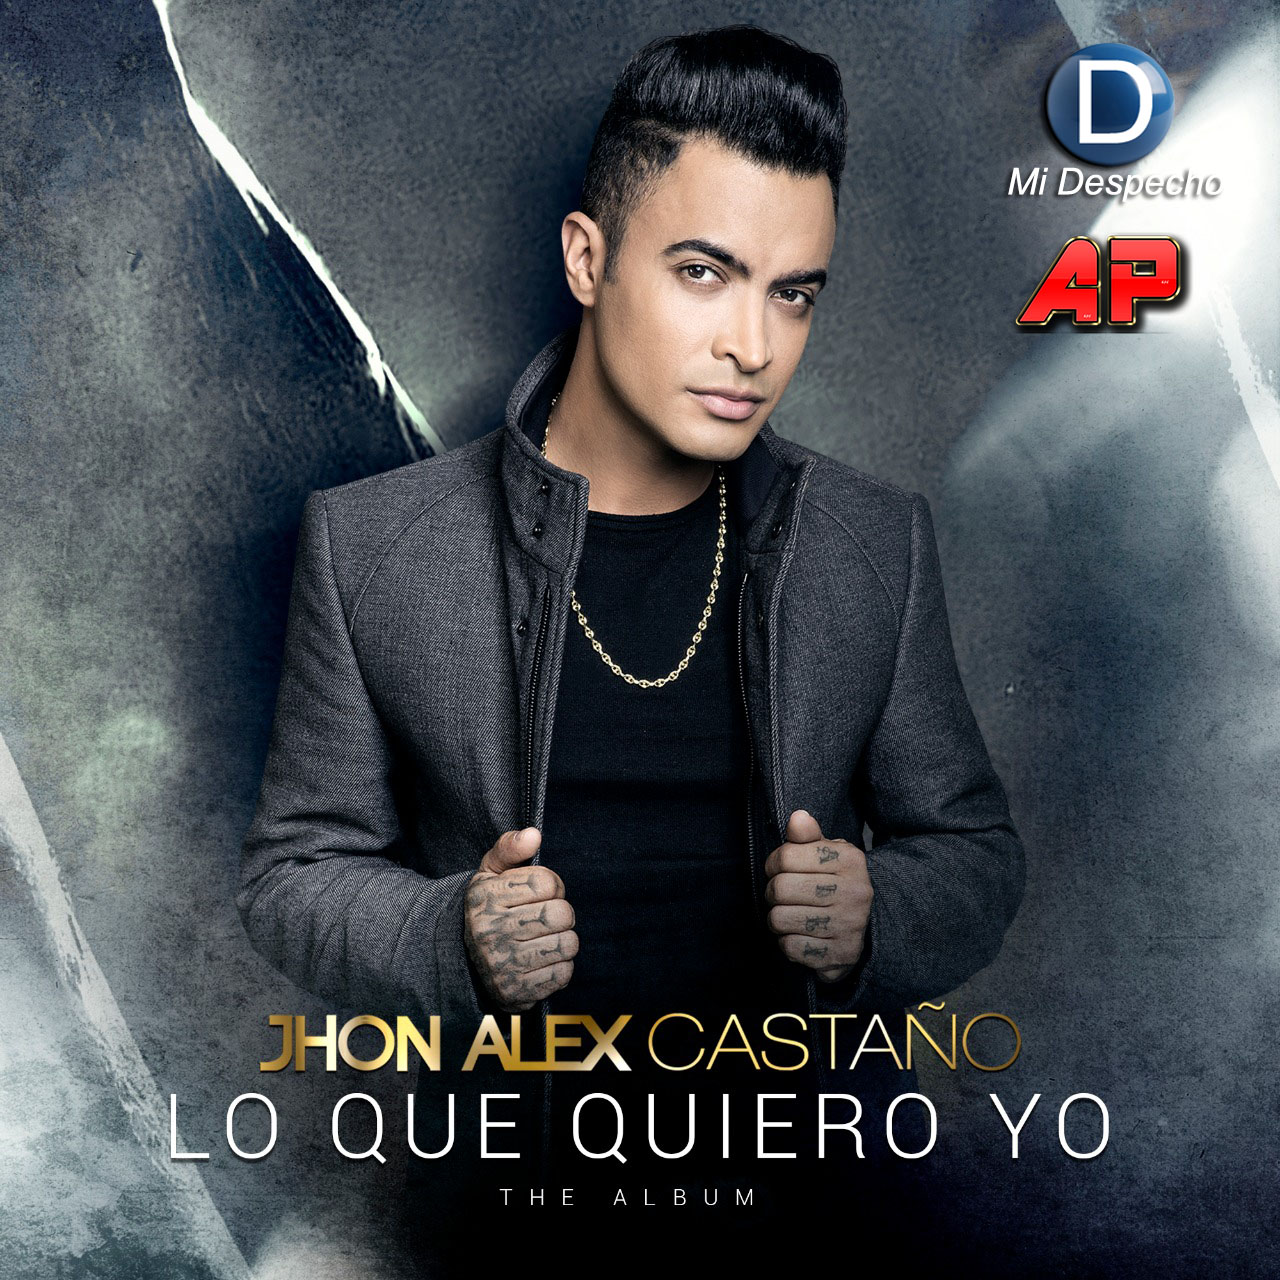 Jhon Alex Castaño Lo Que Quiero Yo